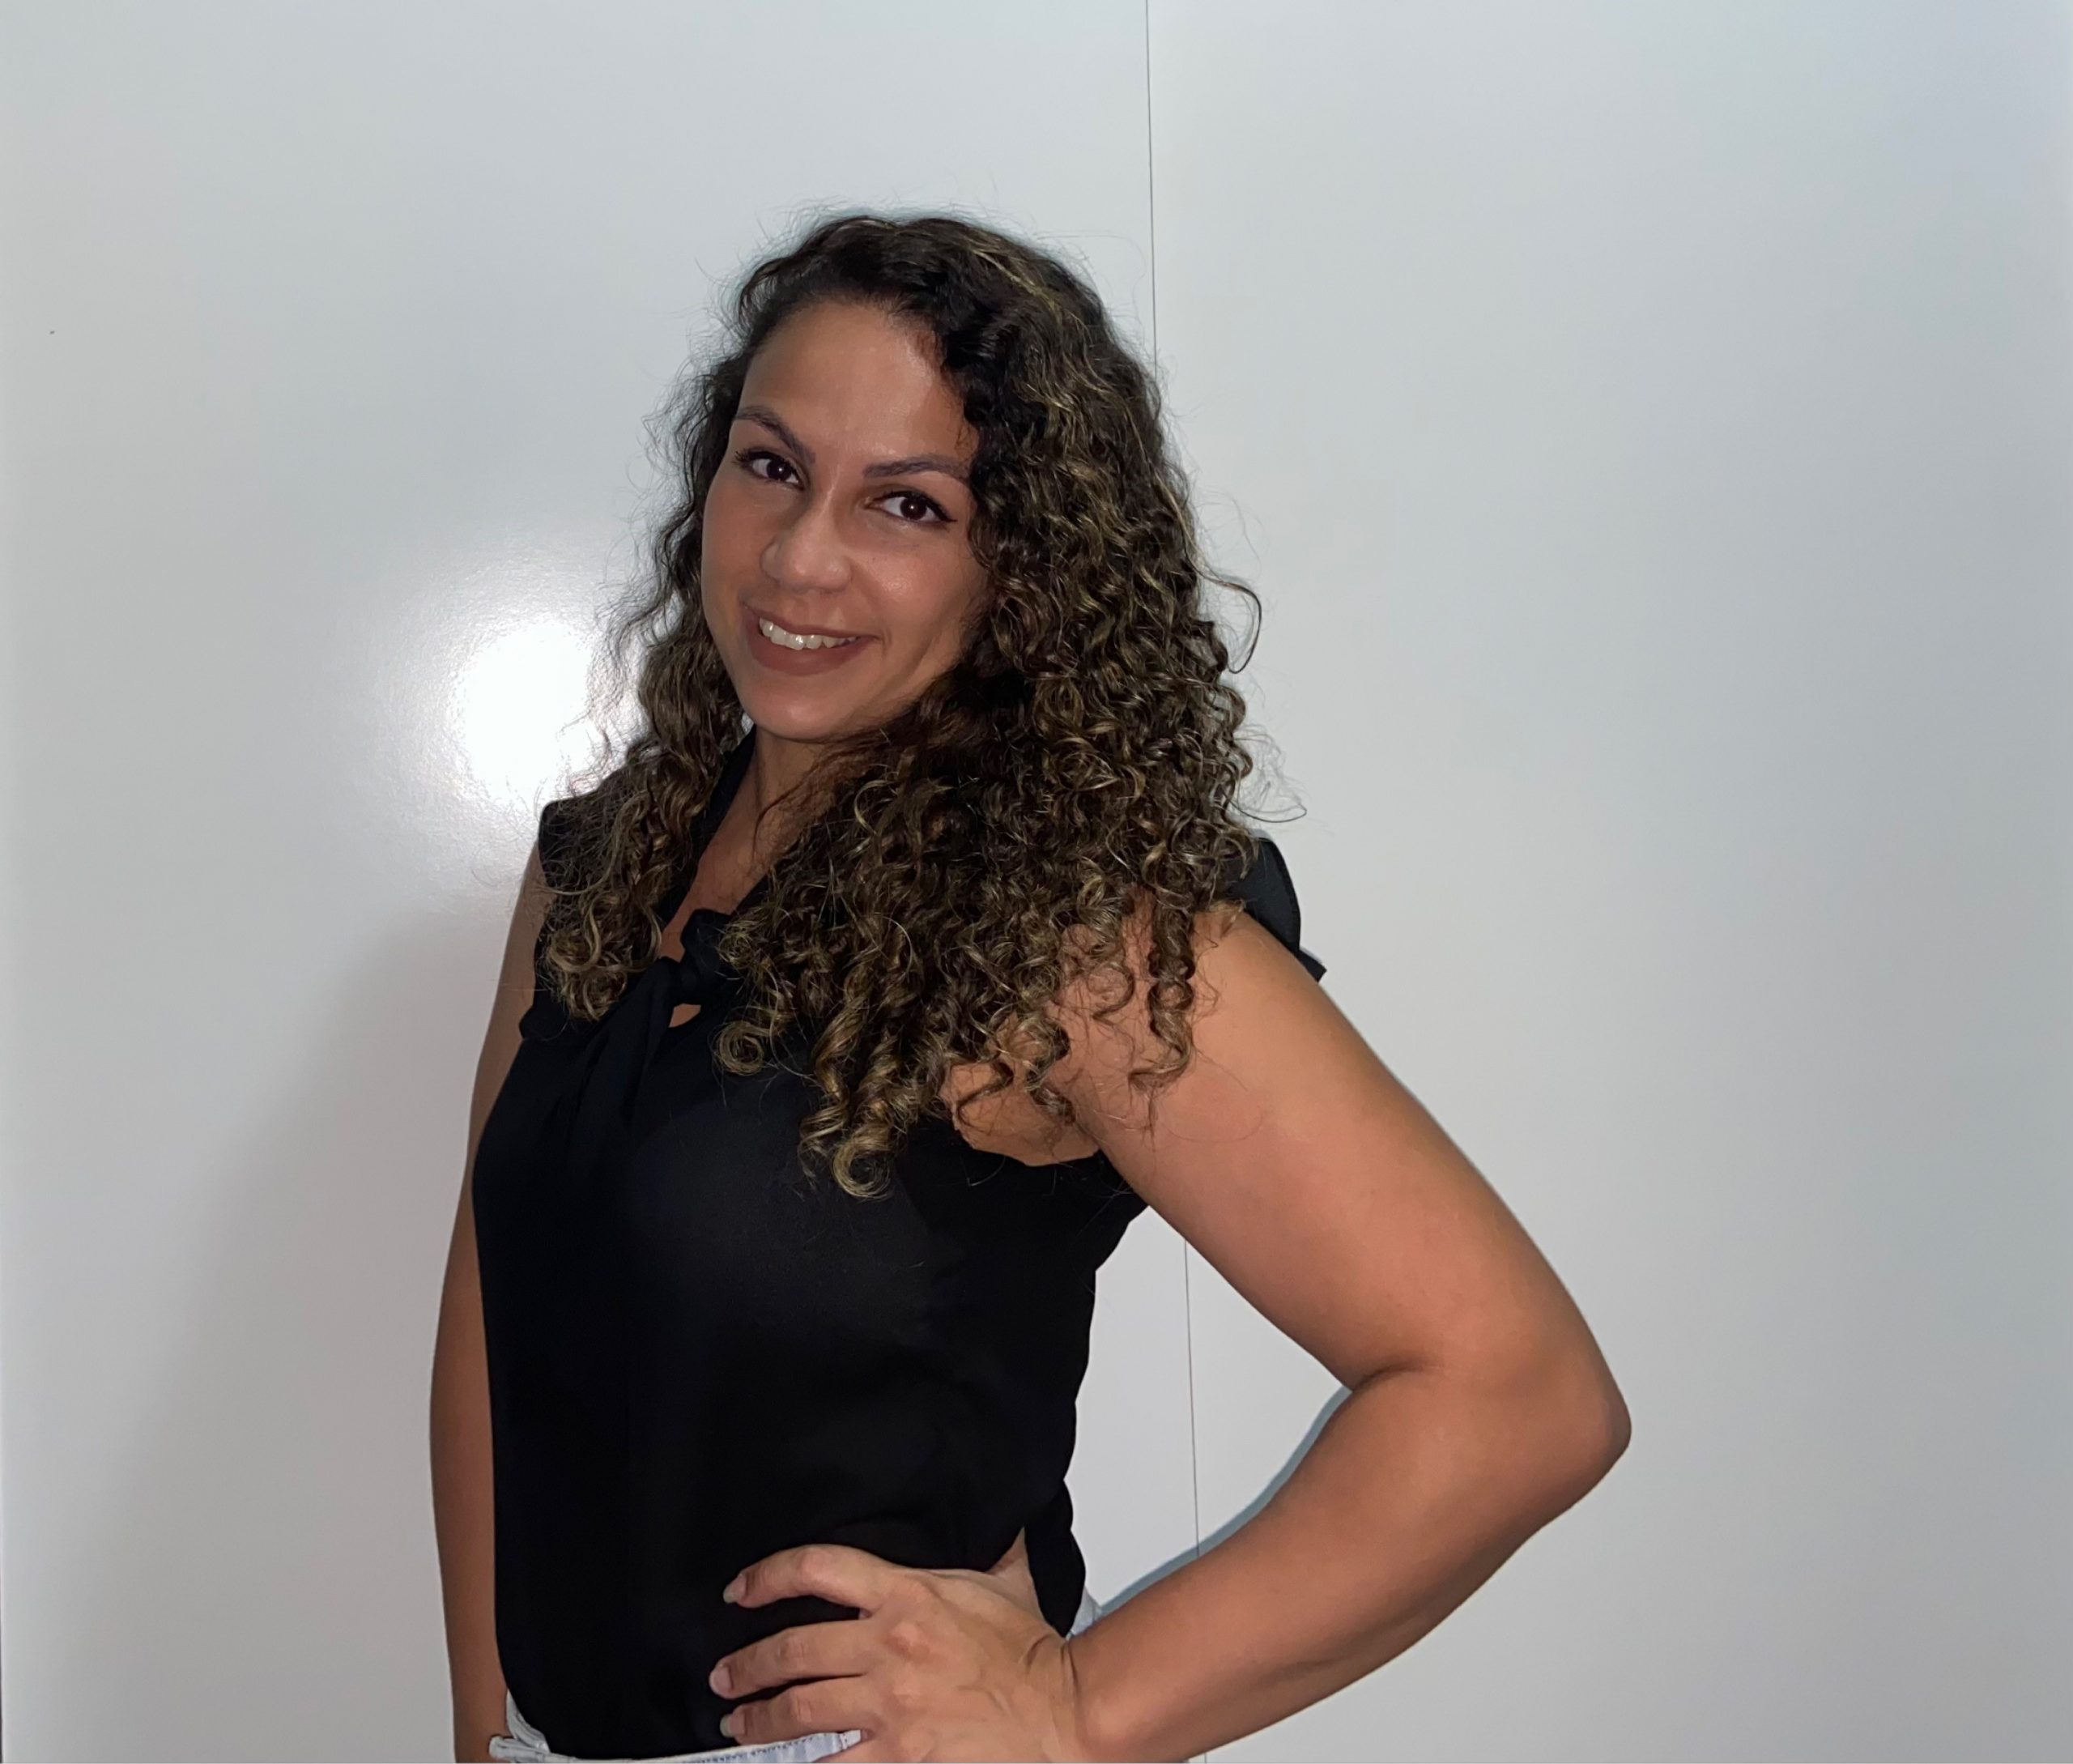 10 - Leticia